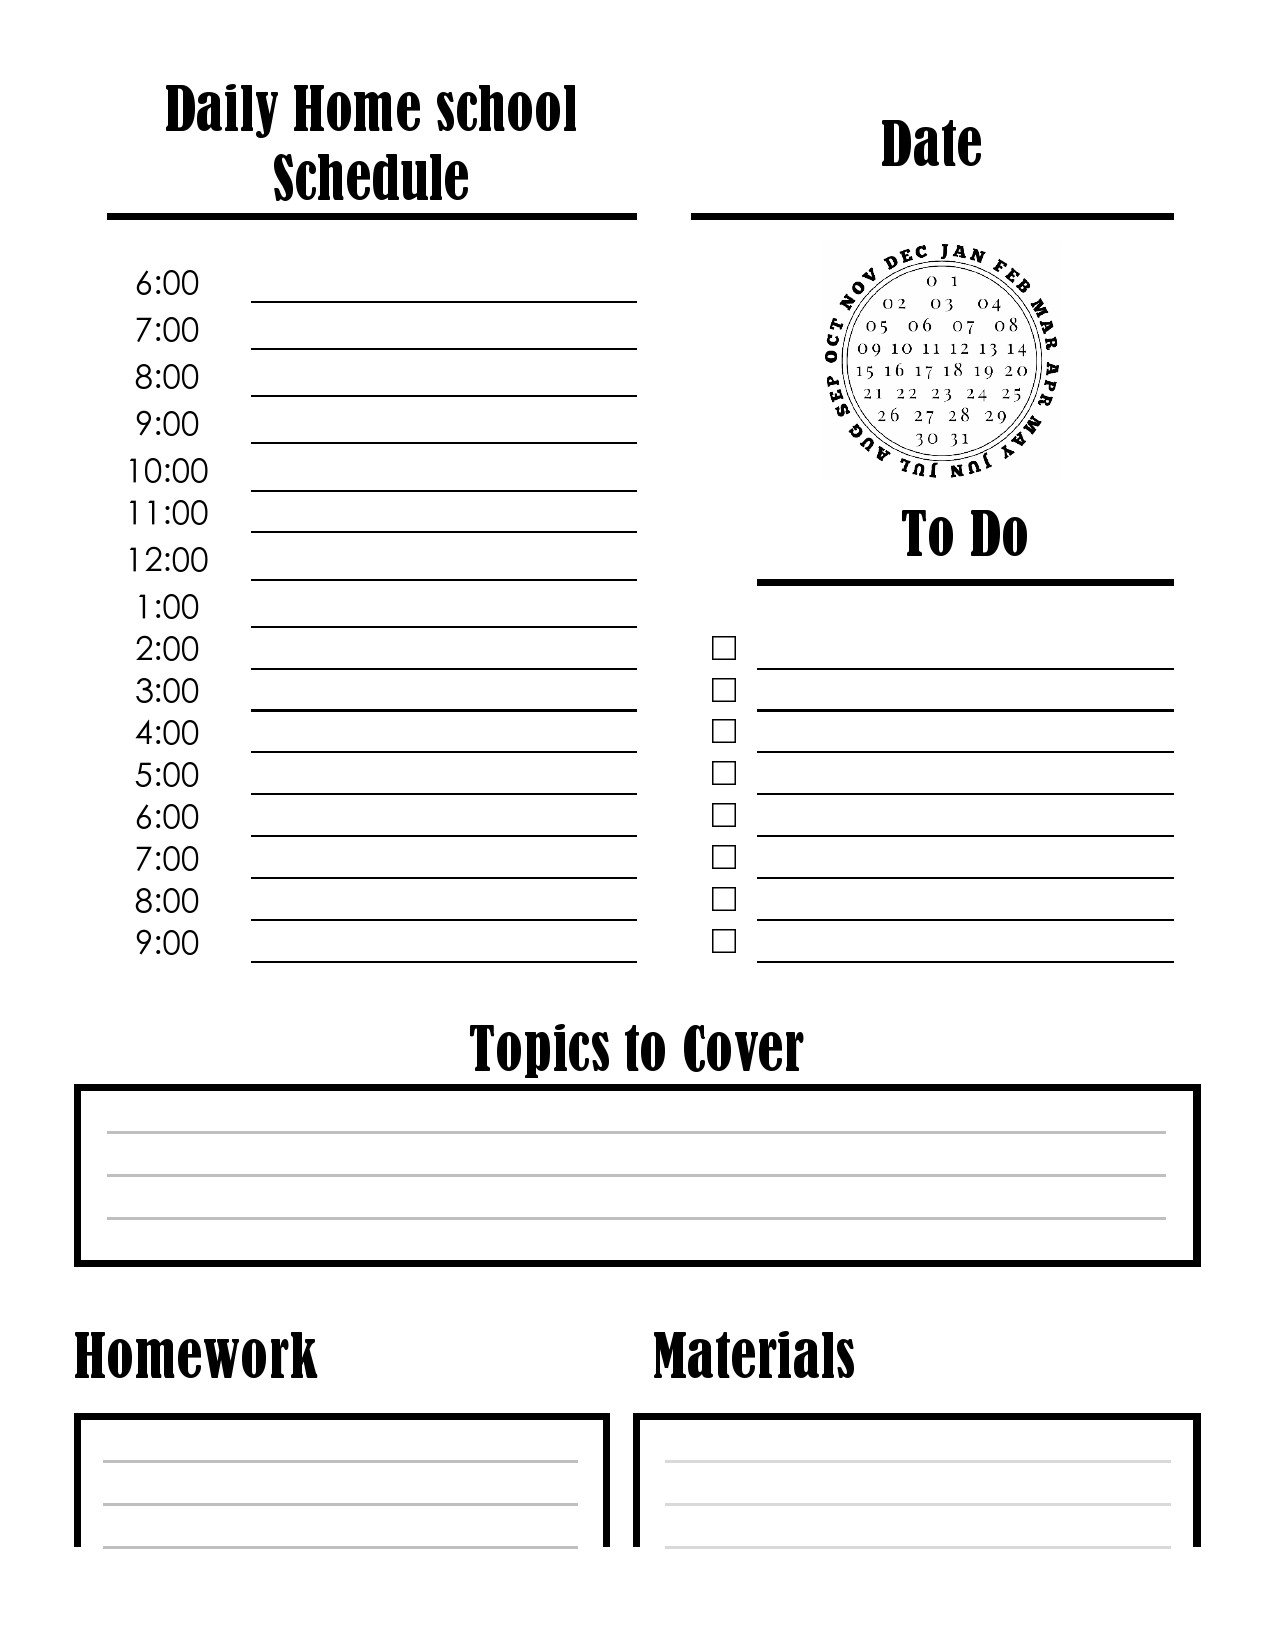 Free homeschool schedule template 15